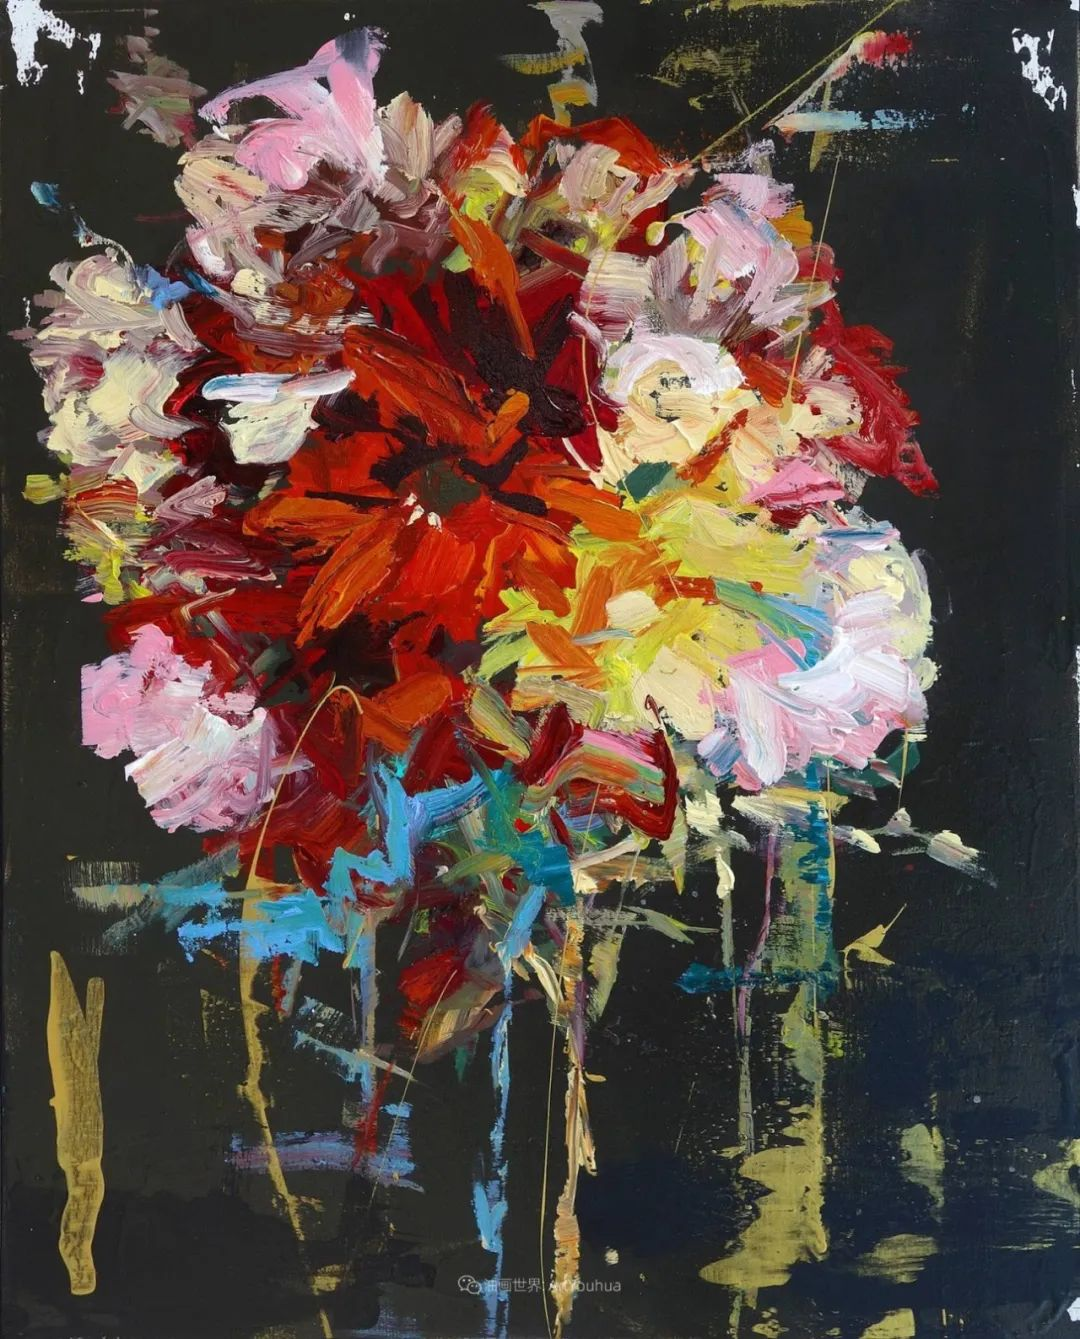 他画的每一朵花,都会释放回忆!插图33